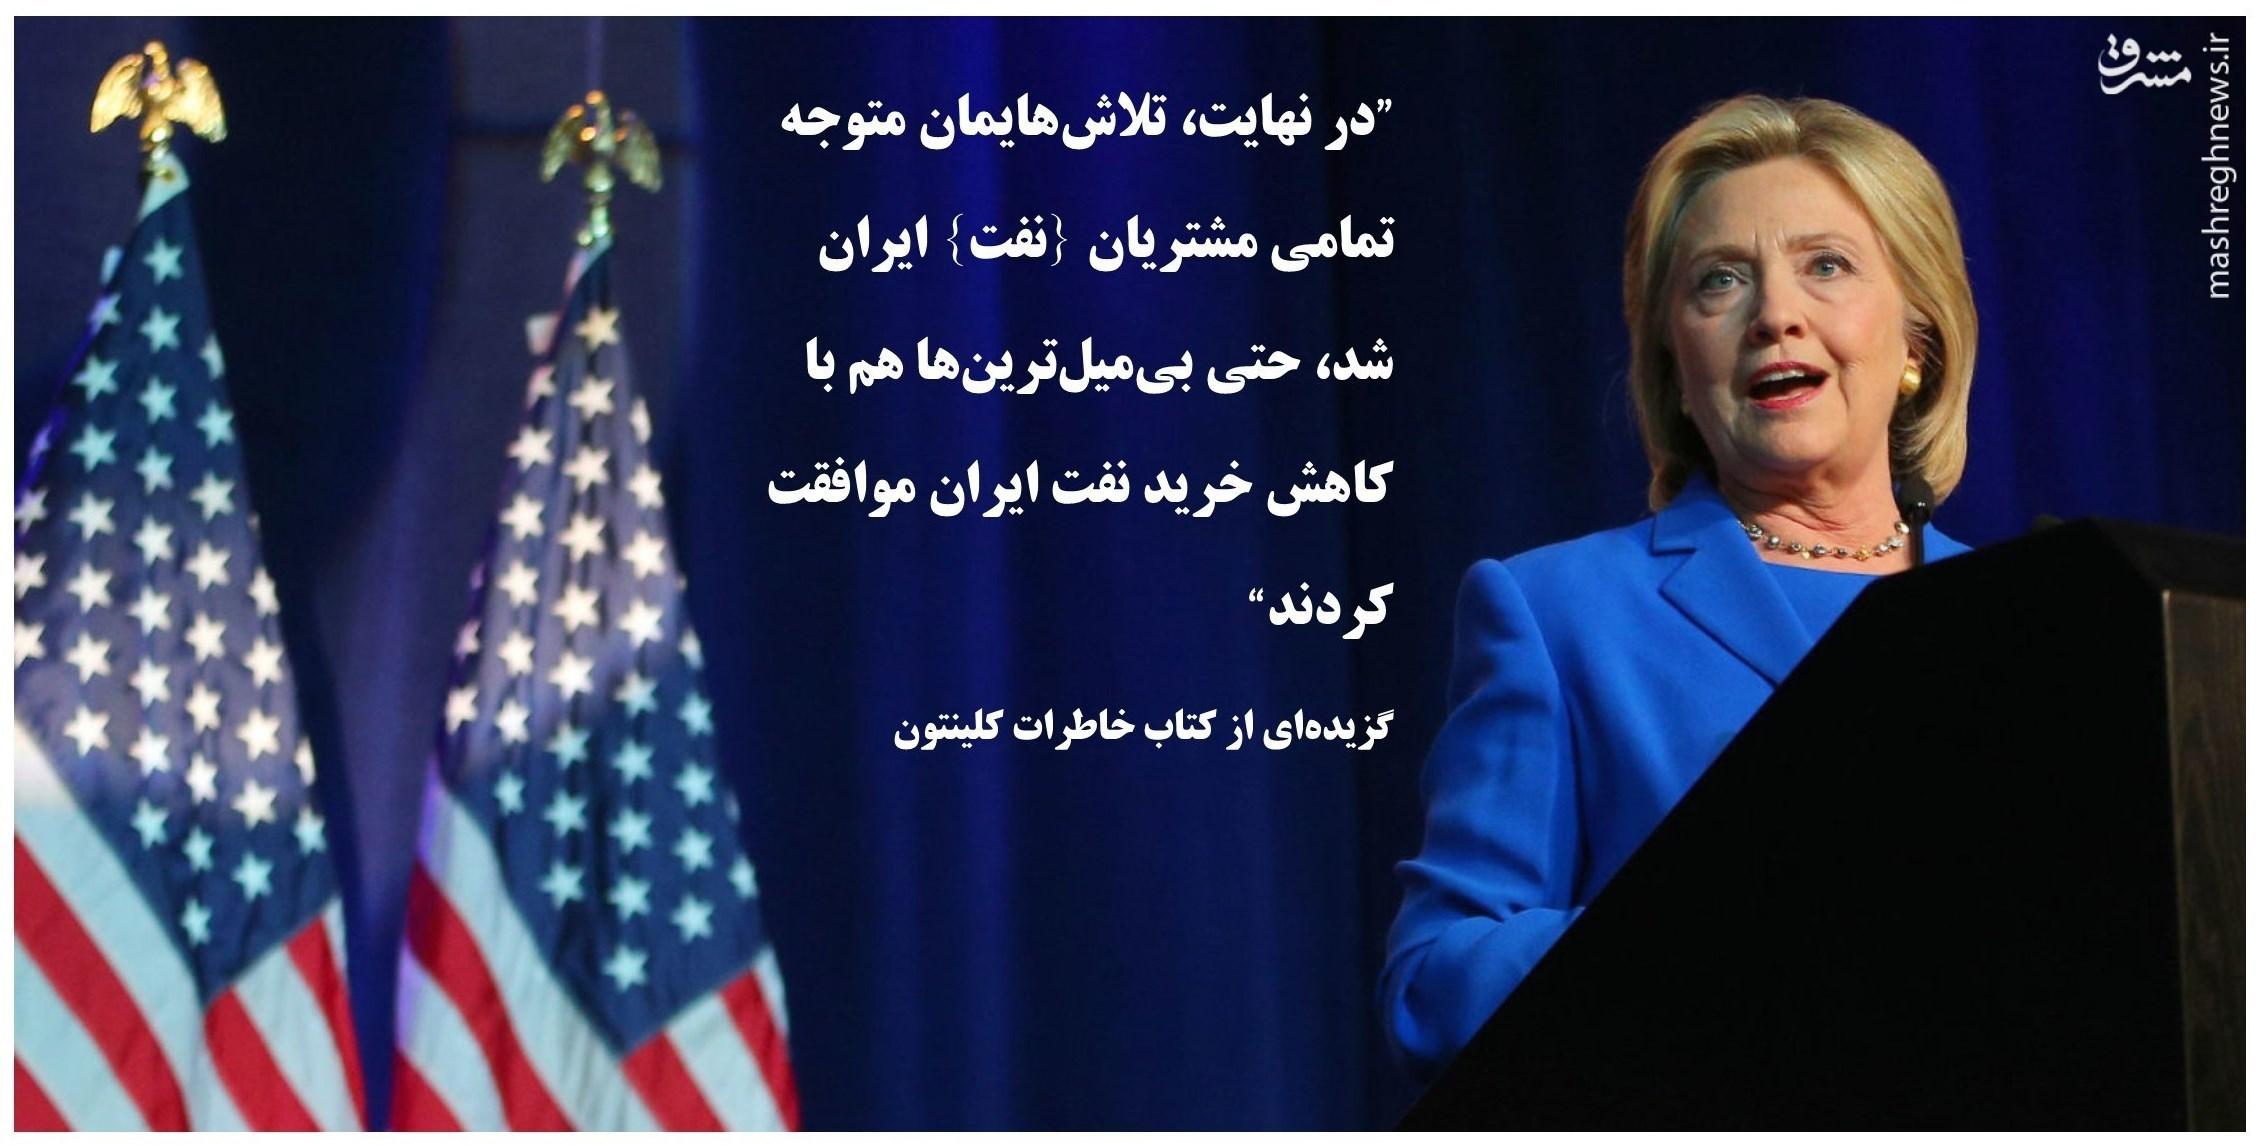 رویکرد کلینتون در قبال ایران چگونه است؟